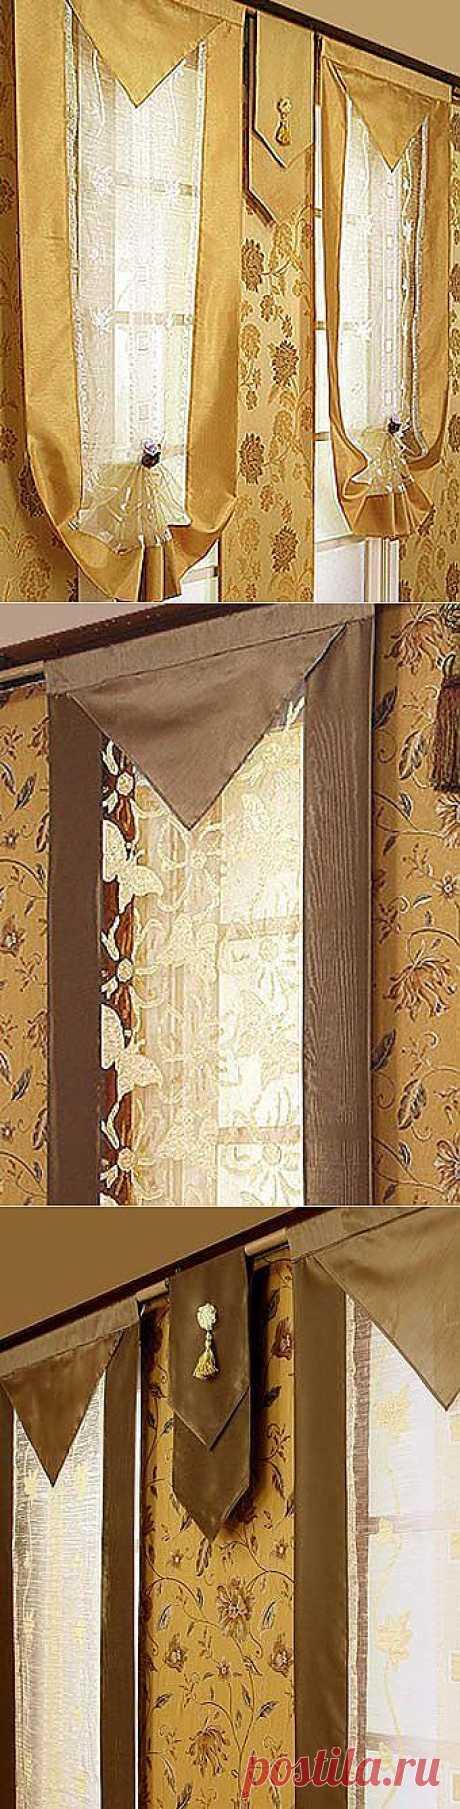 Модный дизайн штор: японские шторы с прозрачной серединой.